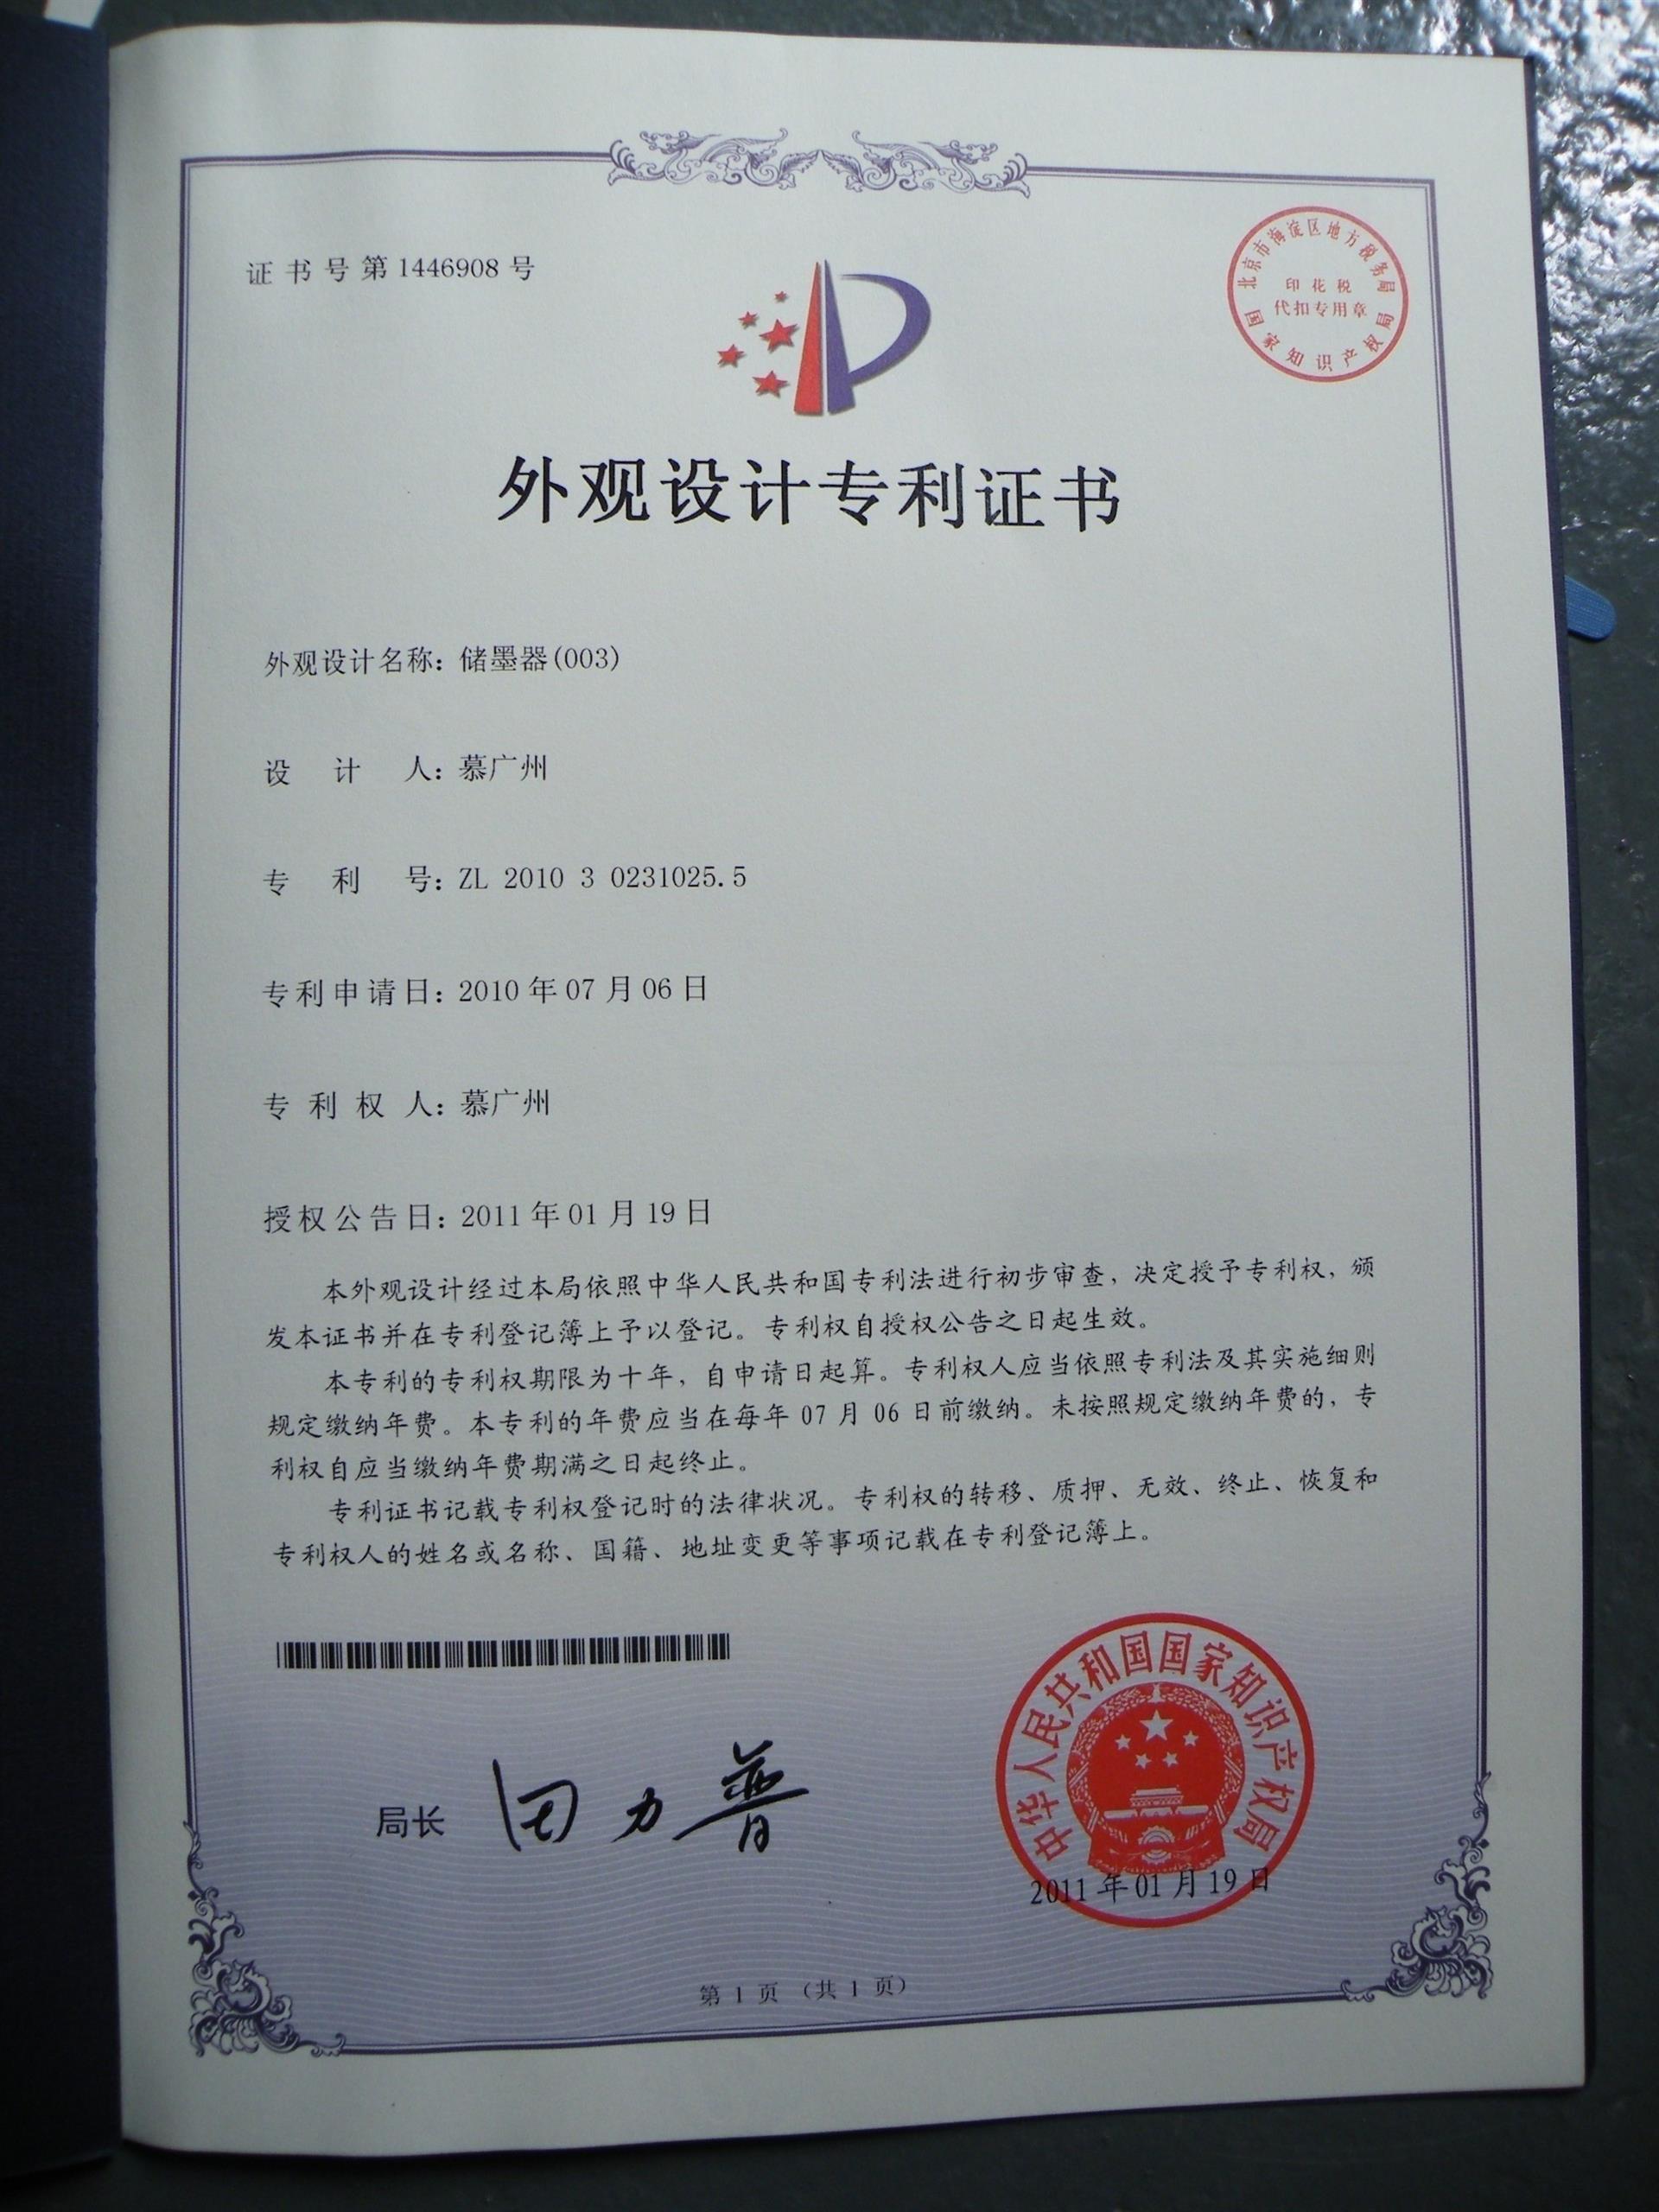 国内外观专利申请